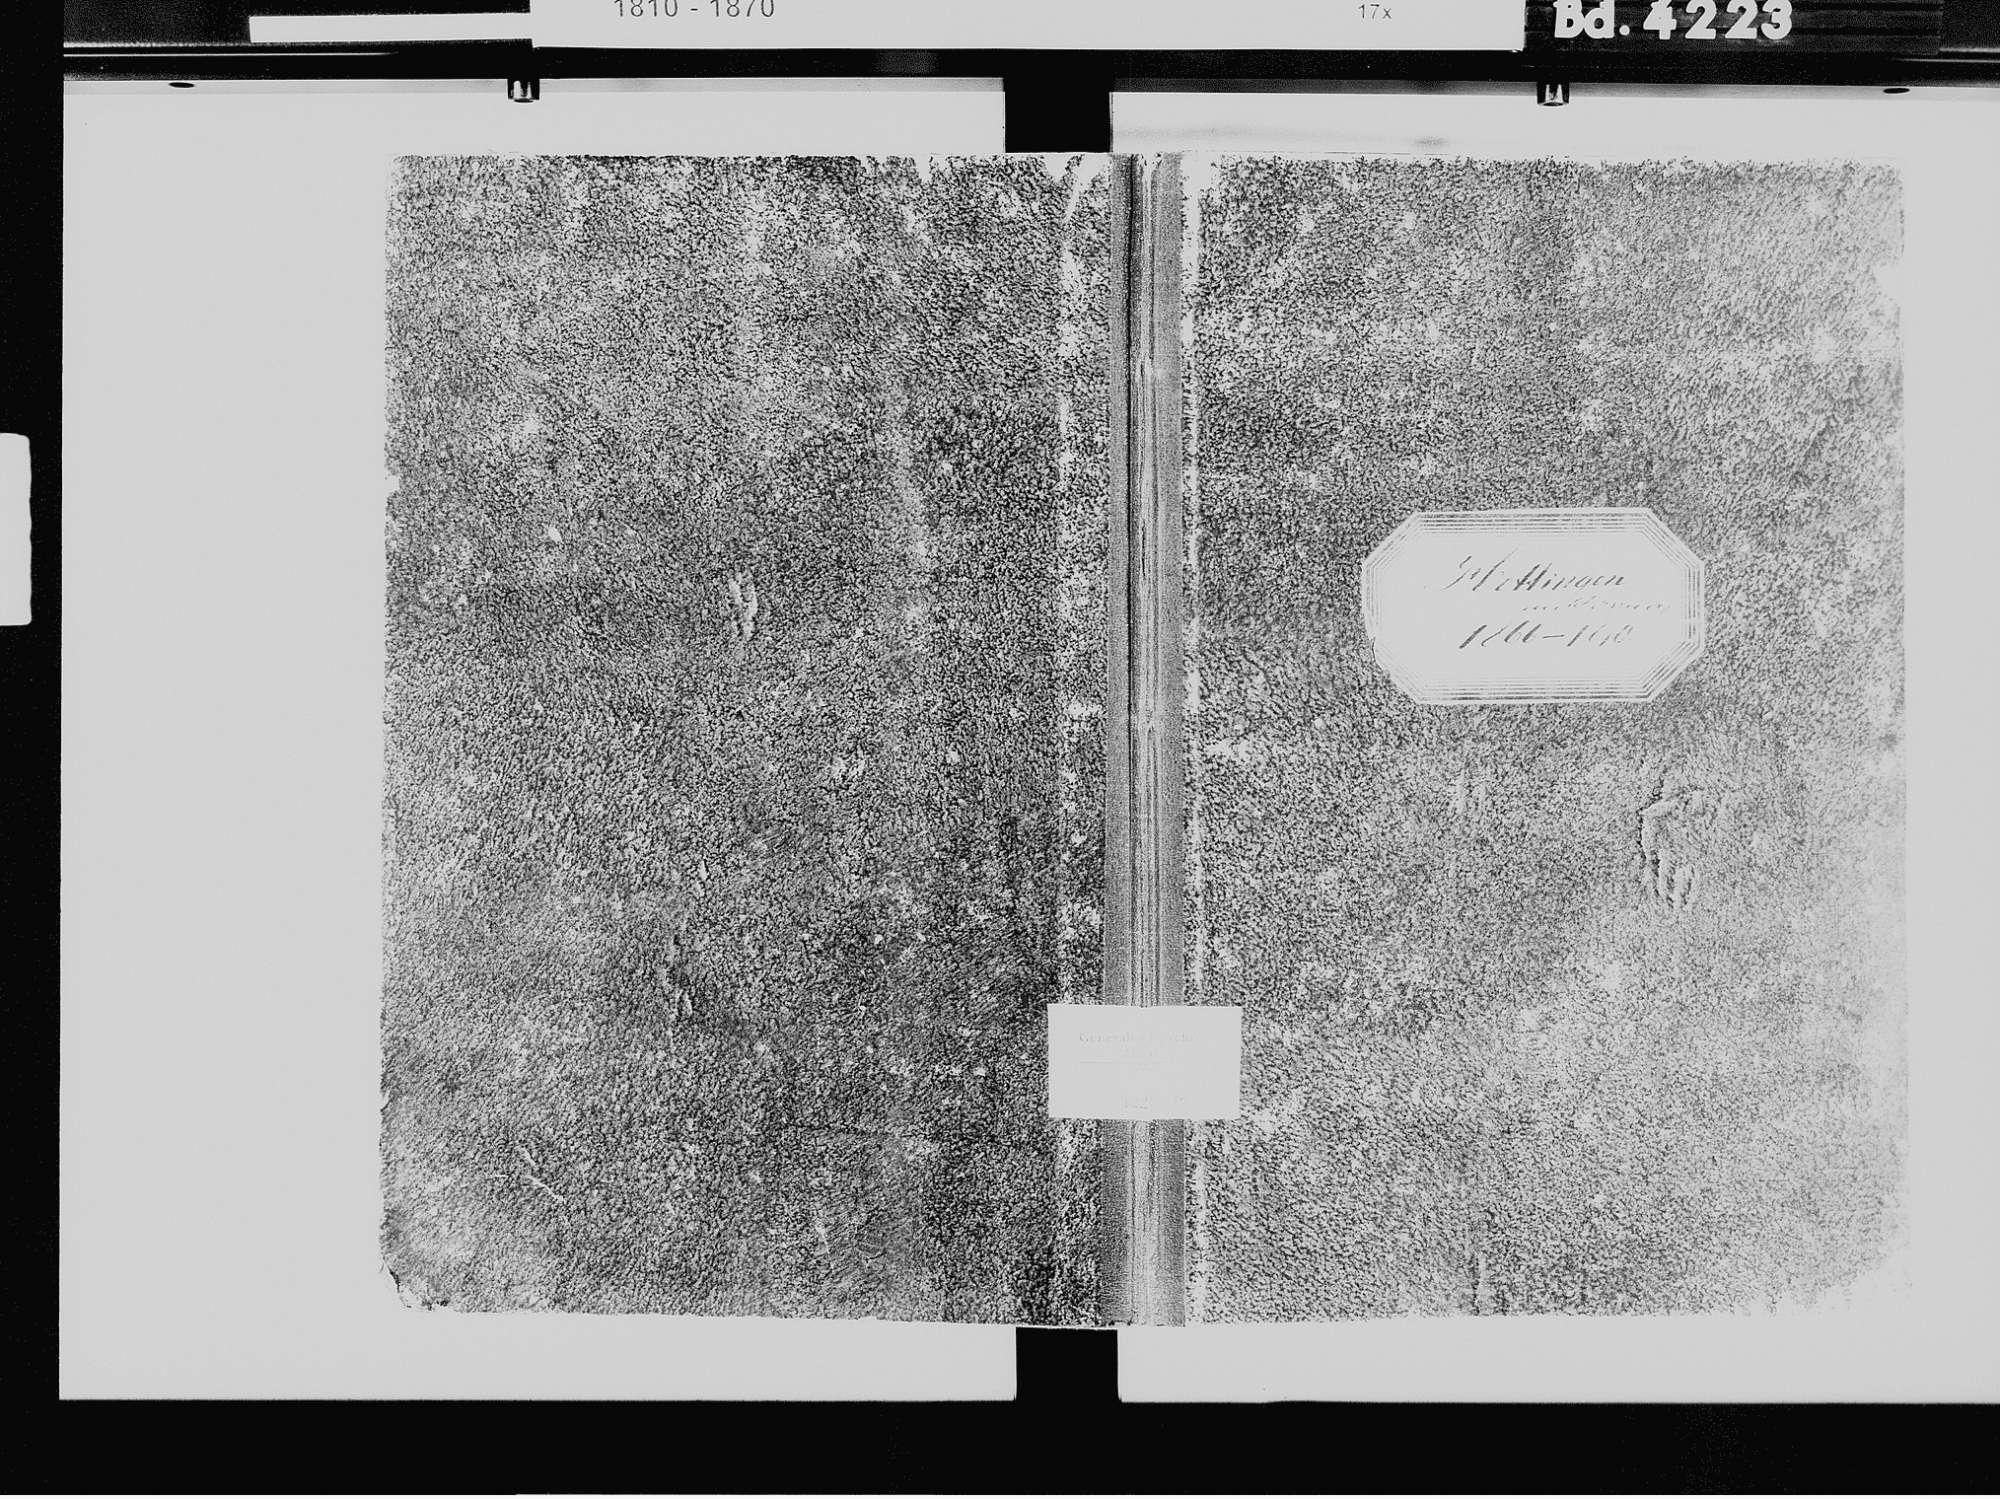 Hottingen, Rickenbach WT; Katholische Gemeinde: Sterbebuch 1866-1870, Bild 2